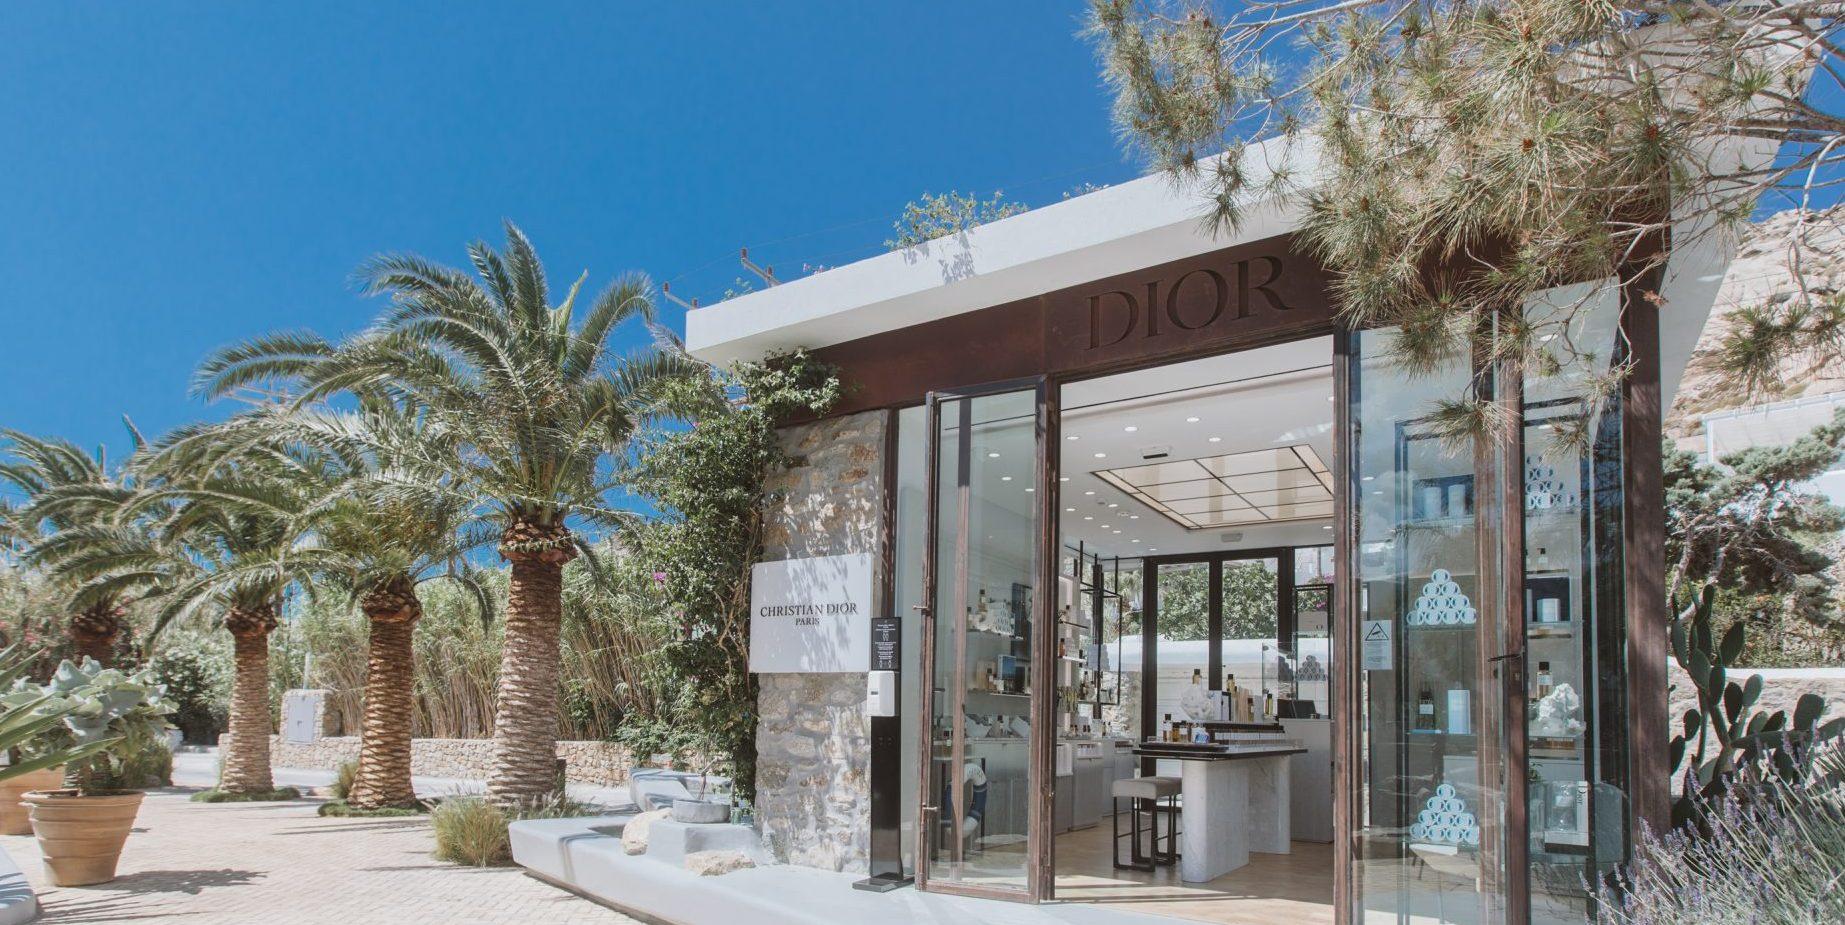 Η πρώτη μπουτίκ του οίκου Dior «La Collection Privée Christian Dior» ανοίγει ξανά τις πόρτες της στη Μύκονο Ο μπουτίκ «La Collection Privée Christian Dior», του οίκου Dior στη Μύκονο αποπνέει stylish αισθητική και άρωμα γαλλικής φινέτσας.